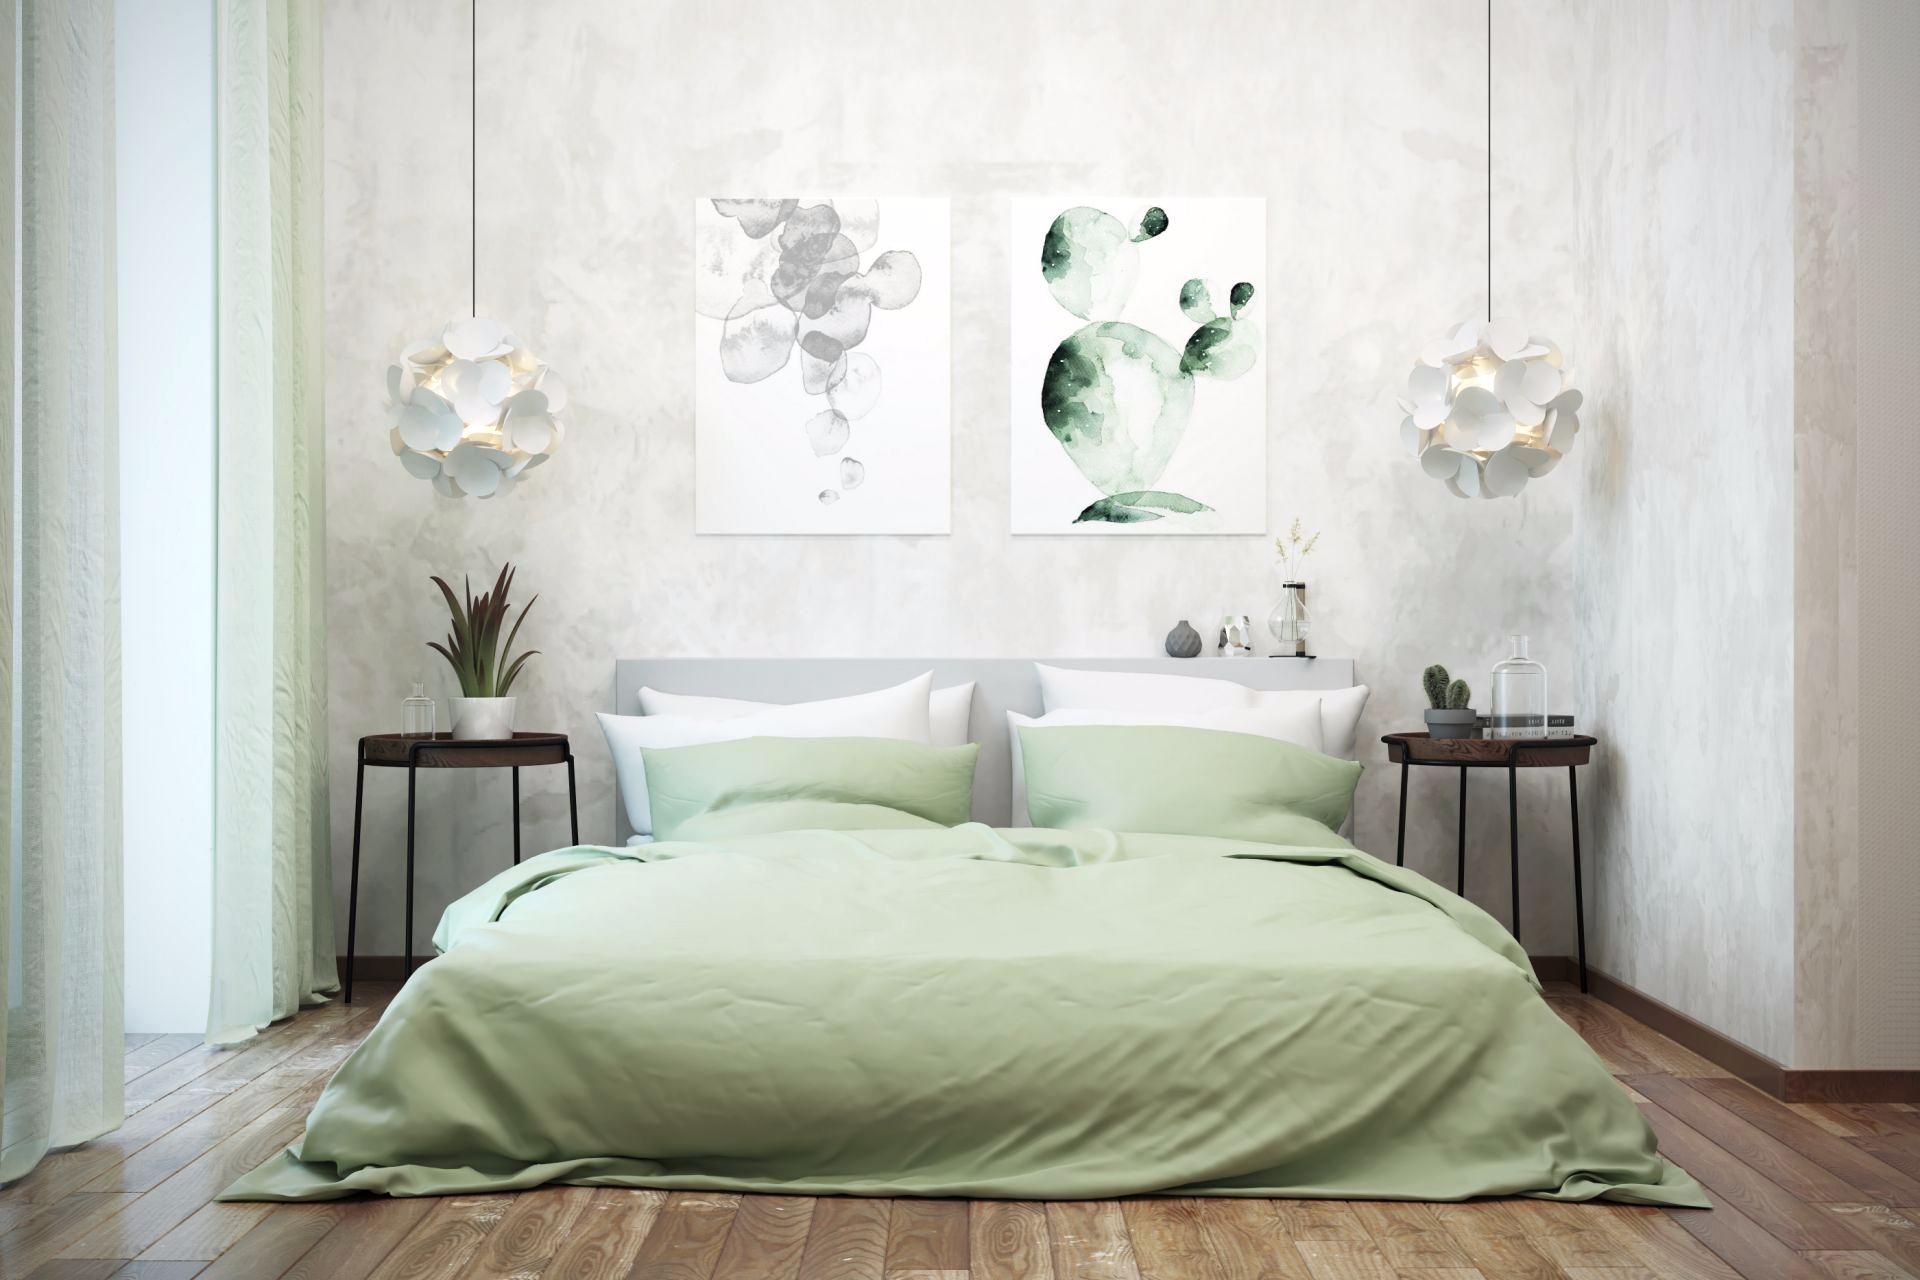 Комплект постельного белья евро с простыней на резинке 160х200 фисташковый